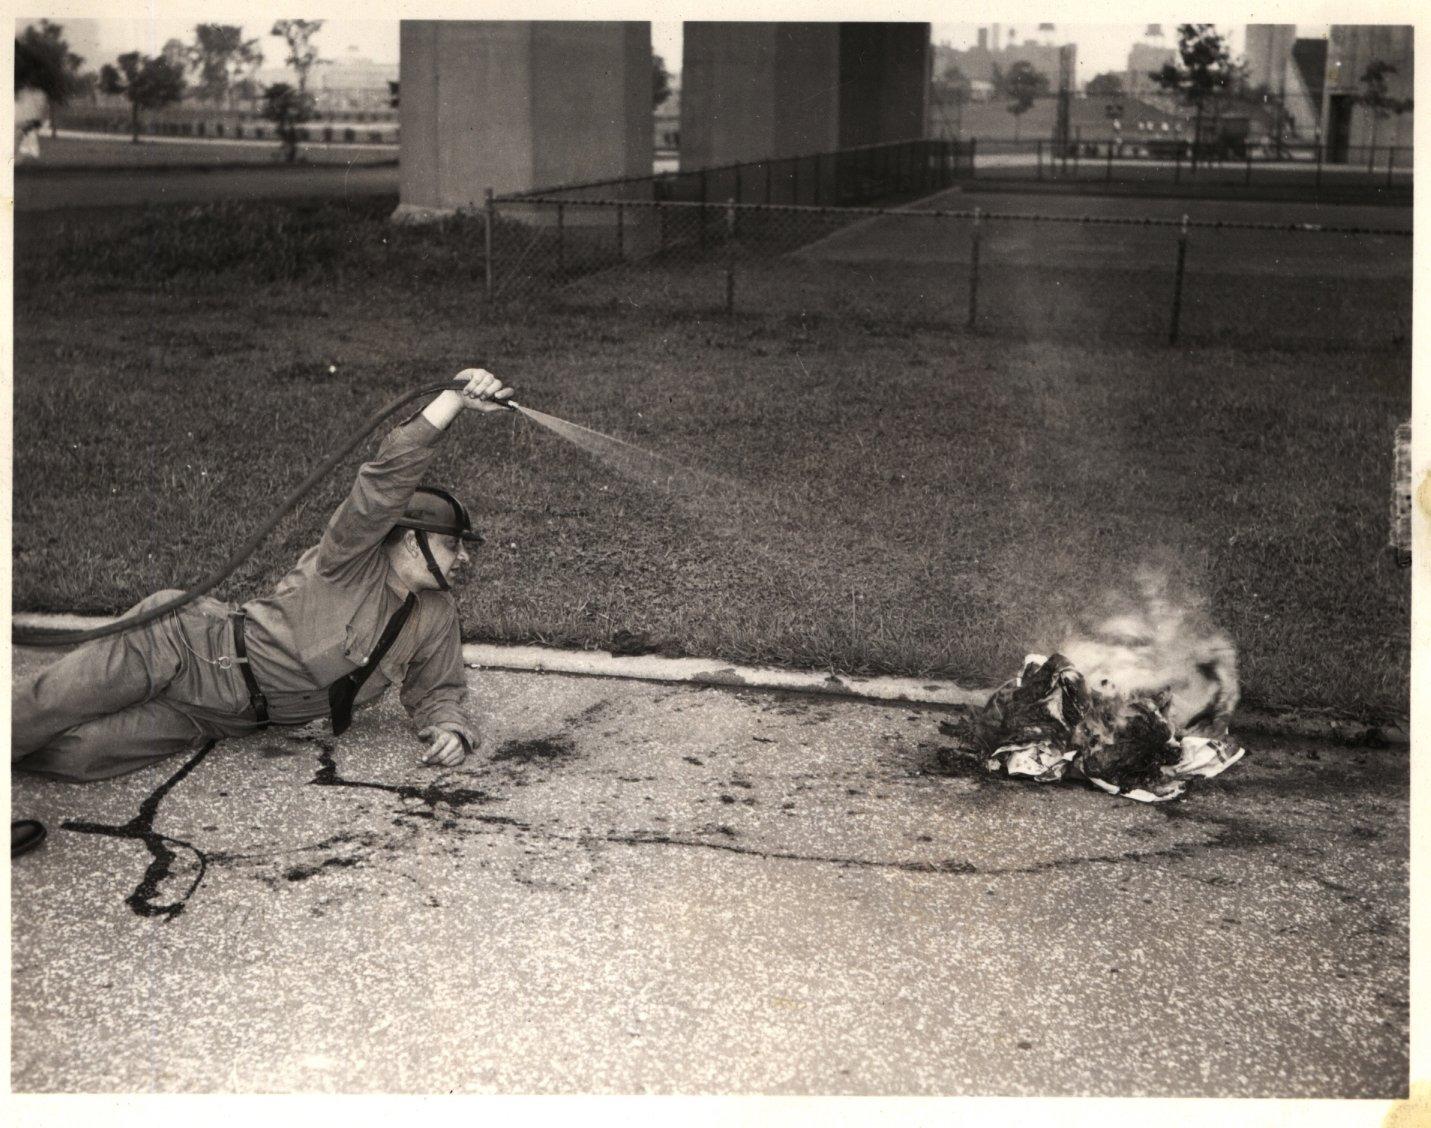 Демонстрация тушения возгорания. Нью-Йорк, США. 1940-е